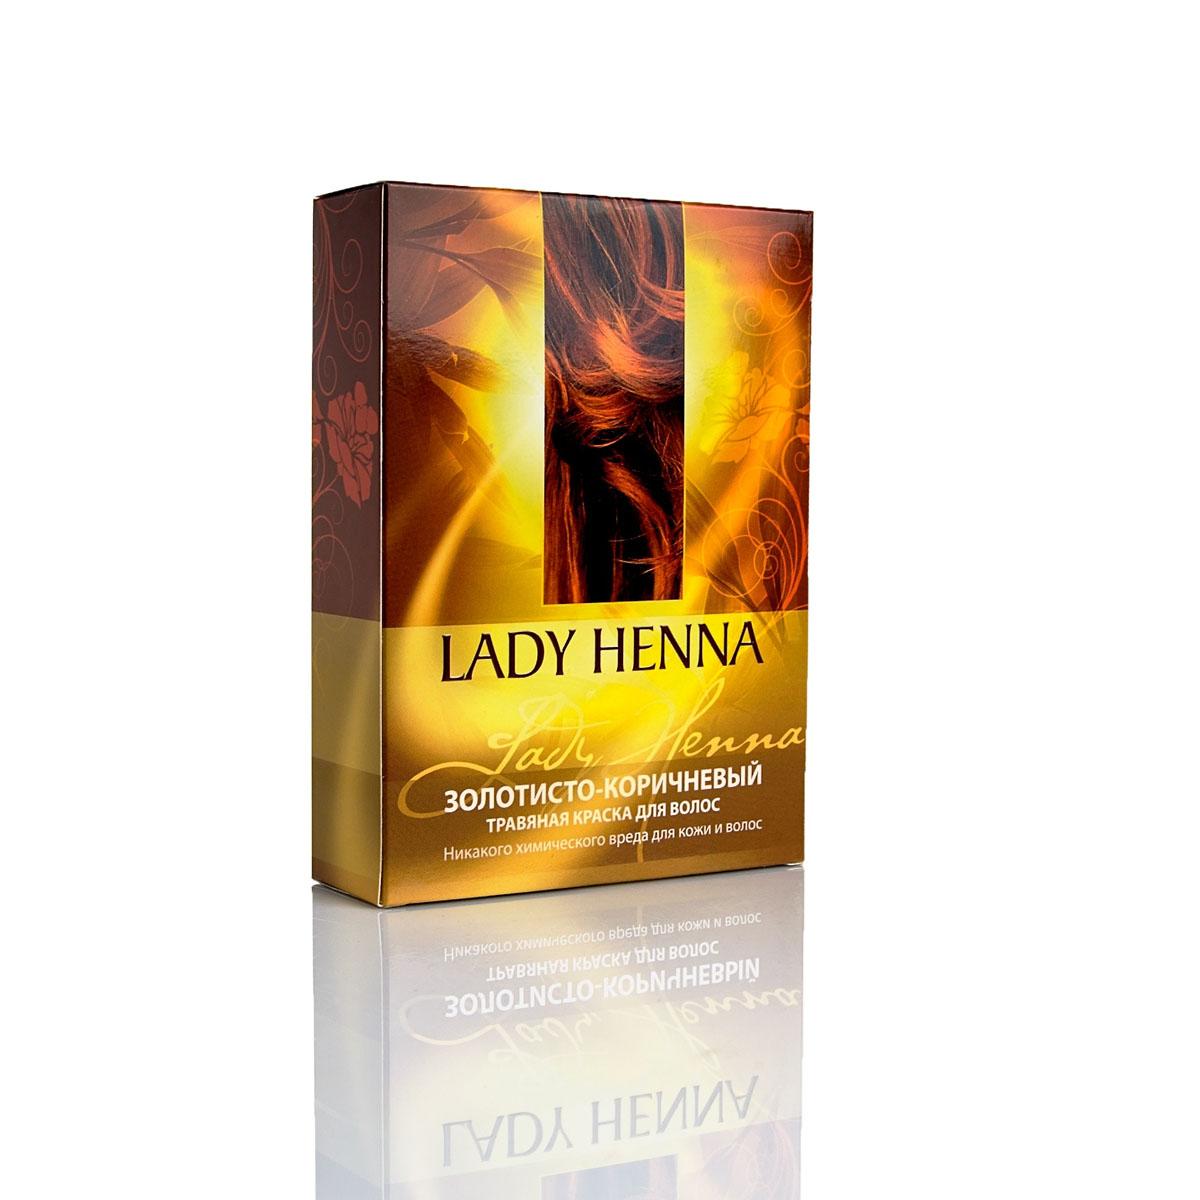 Lady Henna Травяная краска для волос Золотисто-коричневый, 2 х 50 г8904003500470Натуральная композиция лучшей в мире индийской хны из провинции Раджастан, растительных красителей и экстрактов. Окрашивает волосы в насыщенный средне-коричневый цвет с золотистым отливом, не нарушая их структуры. Делает волосы мягкими и шелковистыми, препятствует выпадению волос.